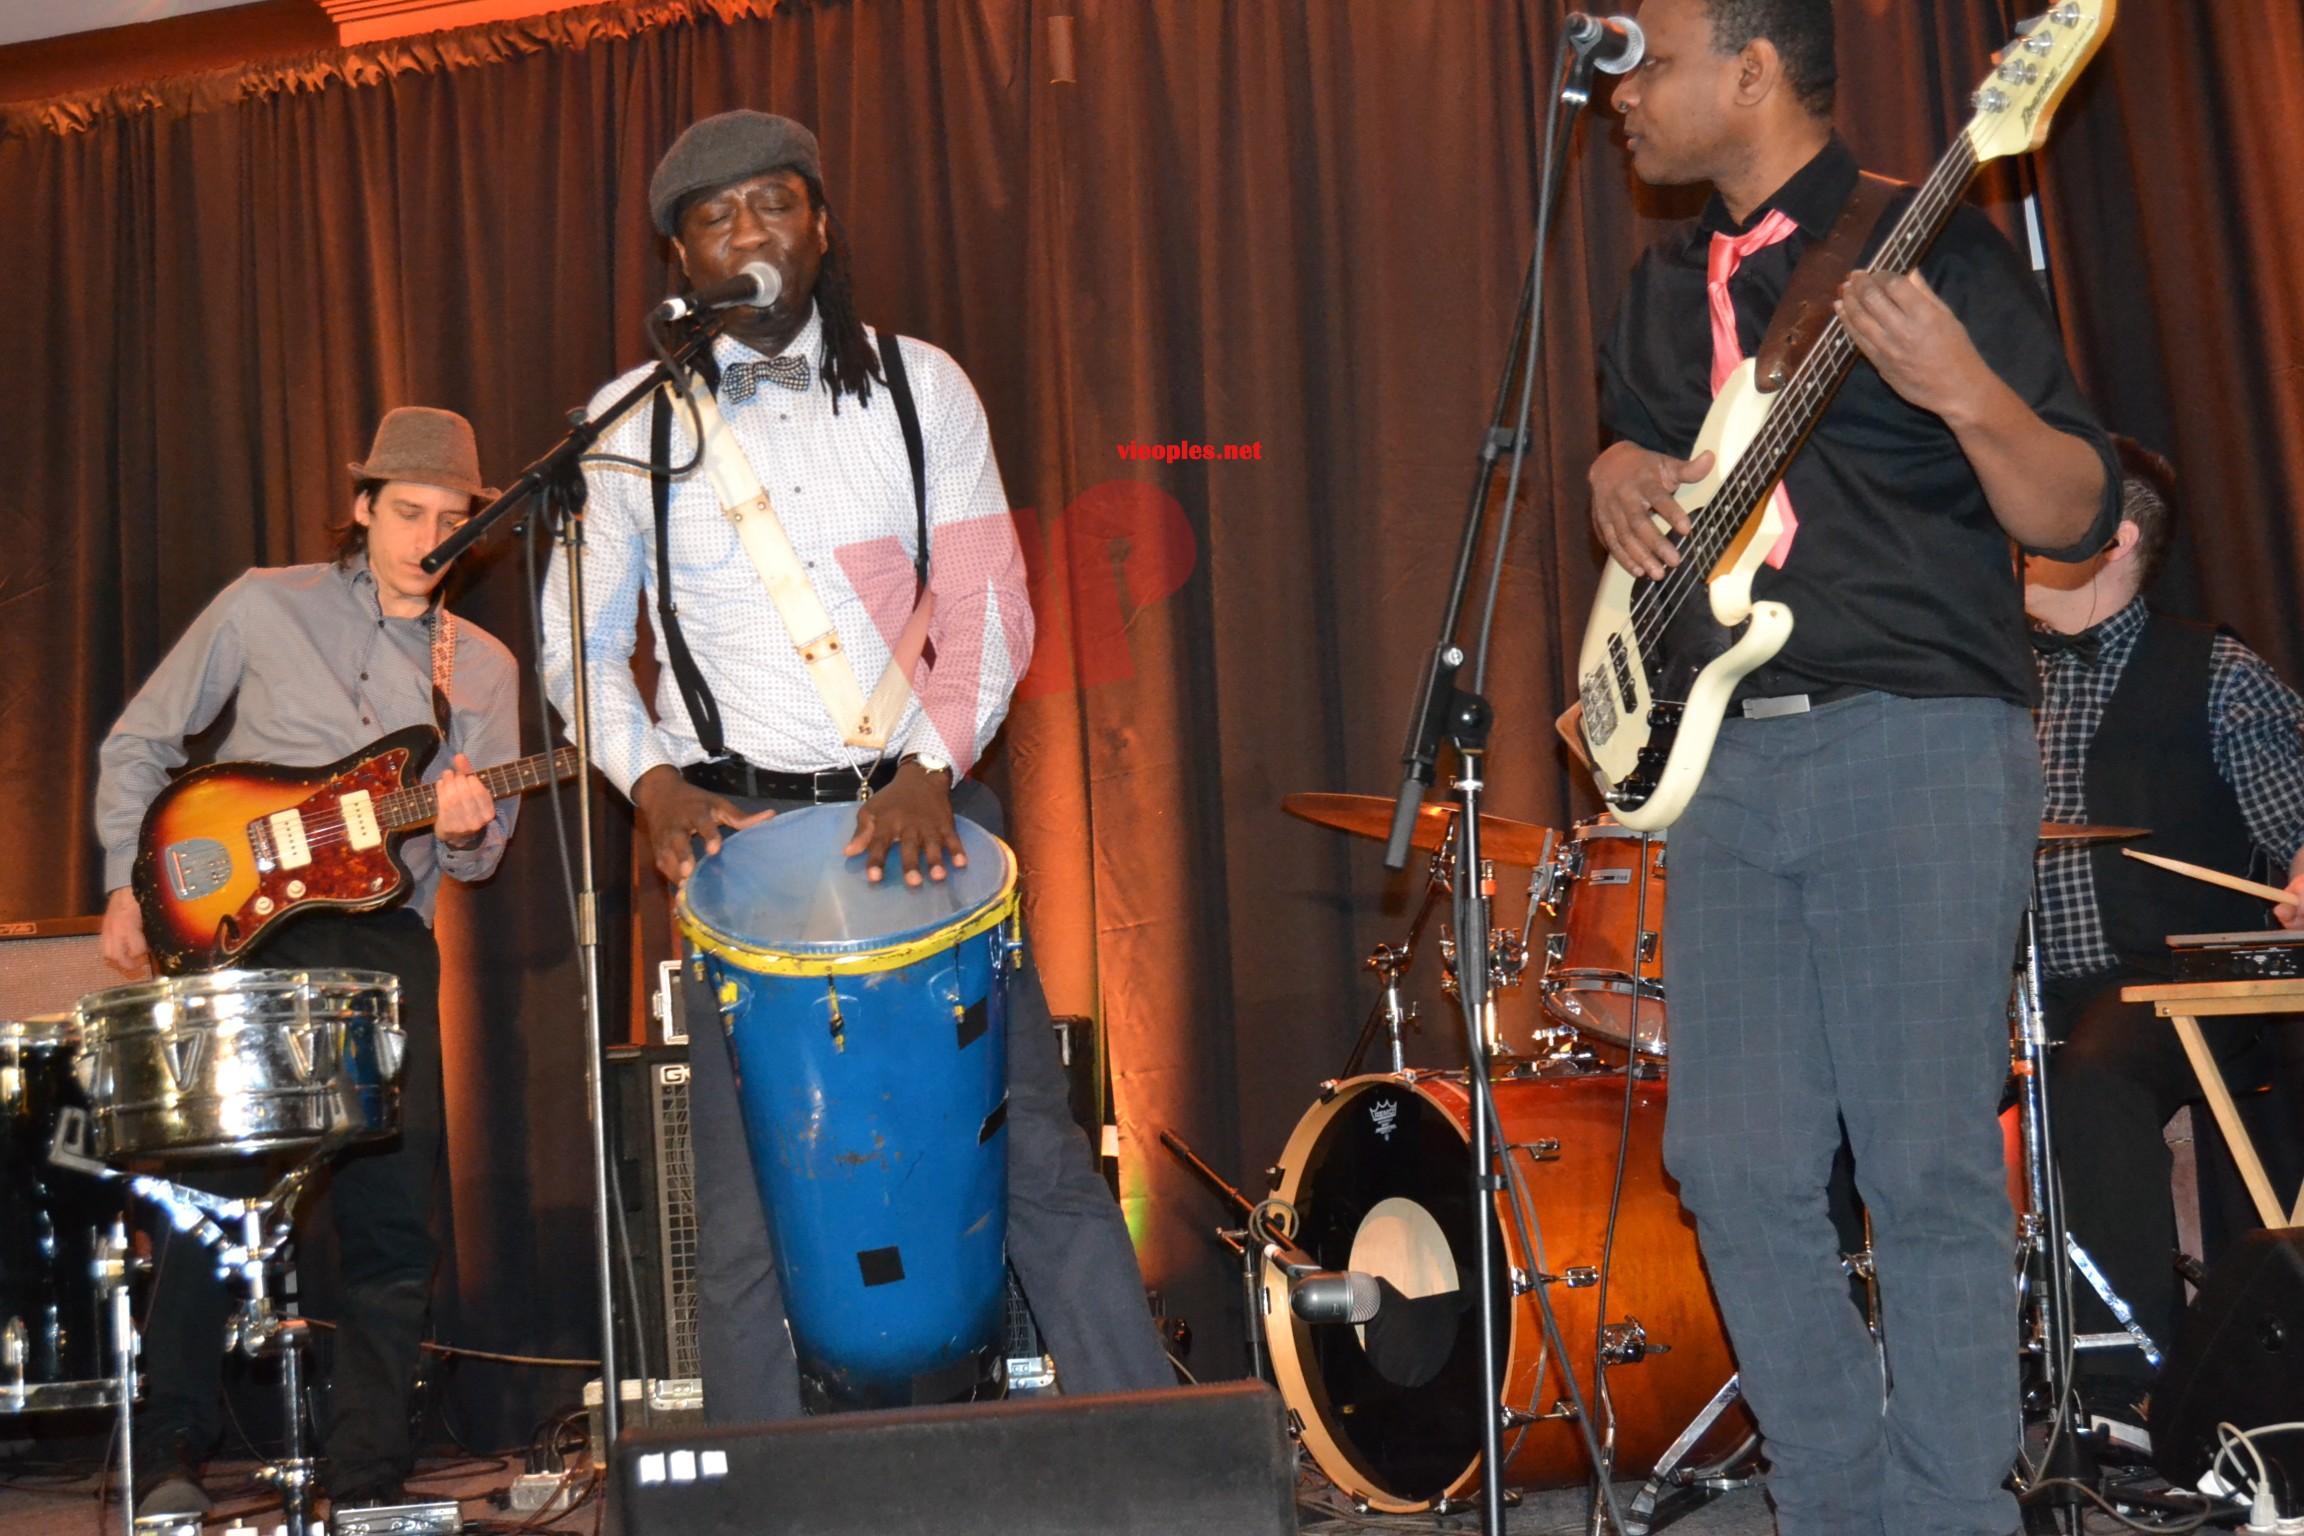 VIDEOS: APAP I NYC, Le chanteur Eladj Diouf s'exprime sur sa participation. Regardez